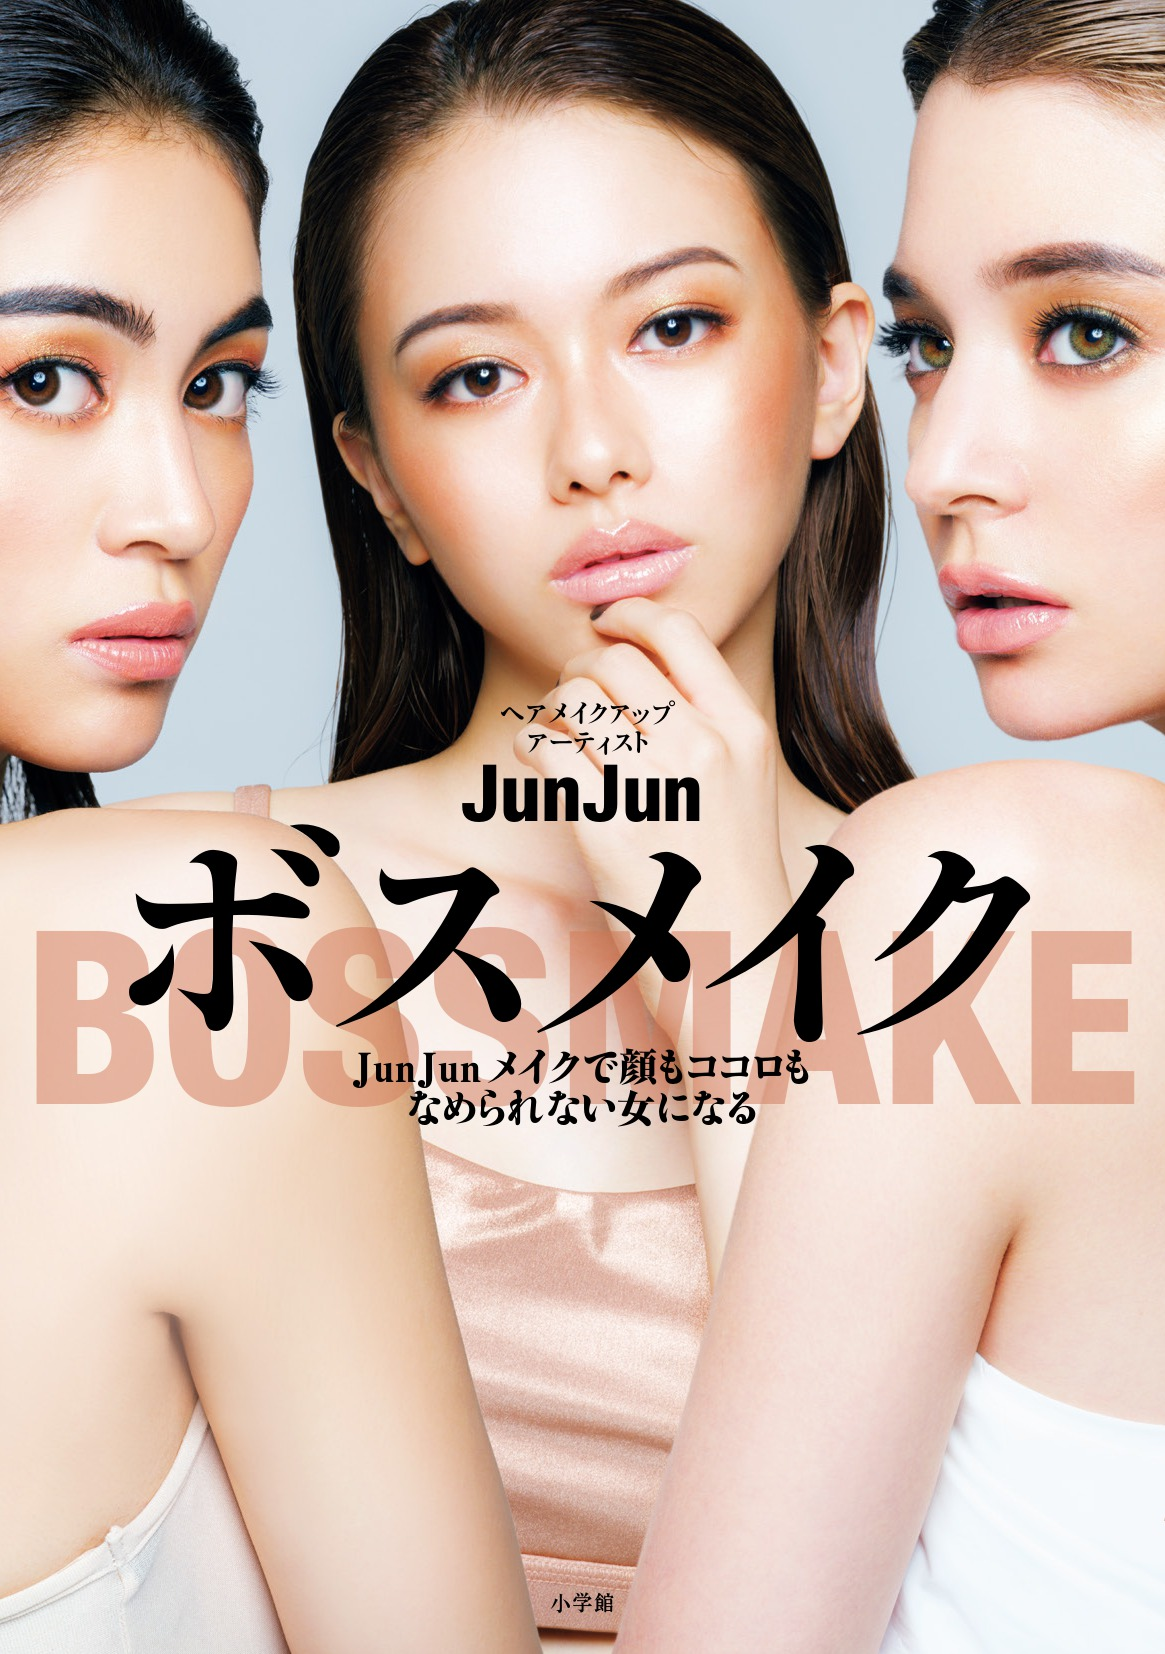 JunJun BOSSMAKE Tour 2019 4月26日(金)名古屋公演